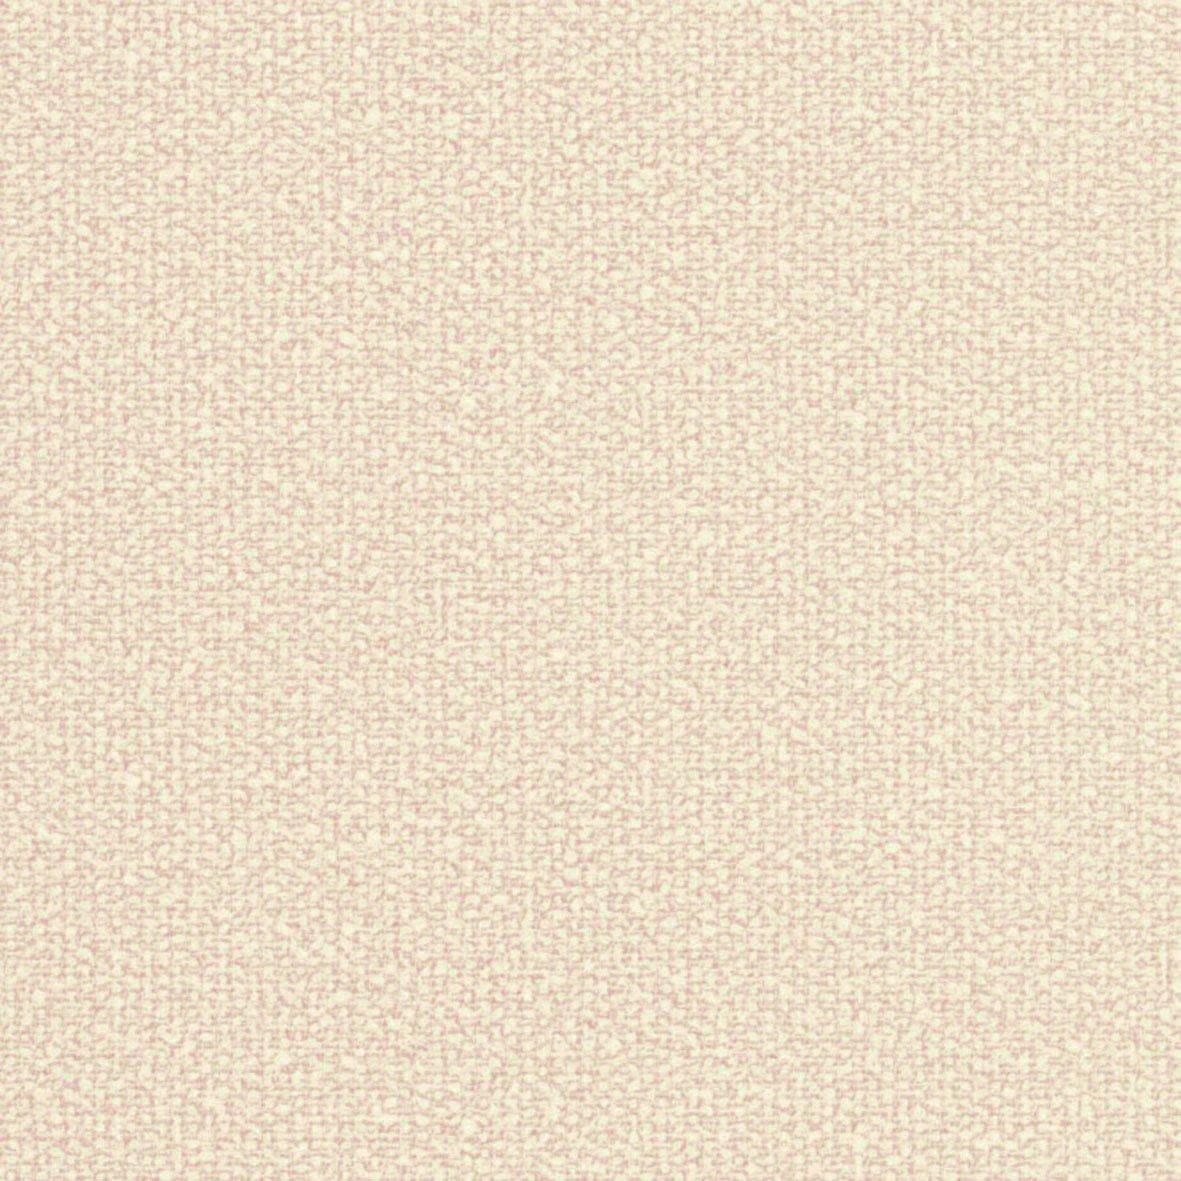 リリカラ 壁紙48m ナチュラル 織物調 ベージュ LL-8183 B01N3T1X8D 48m|ベージュ2